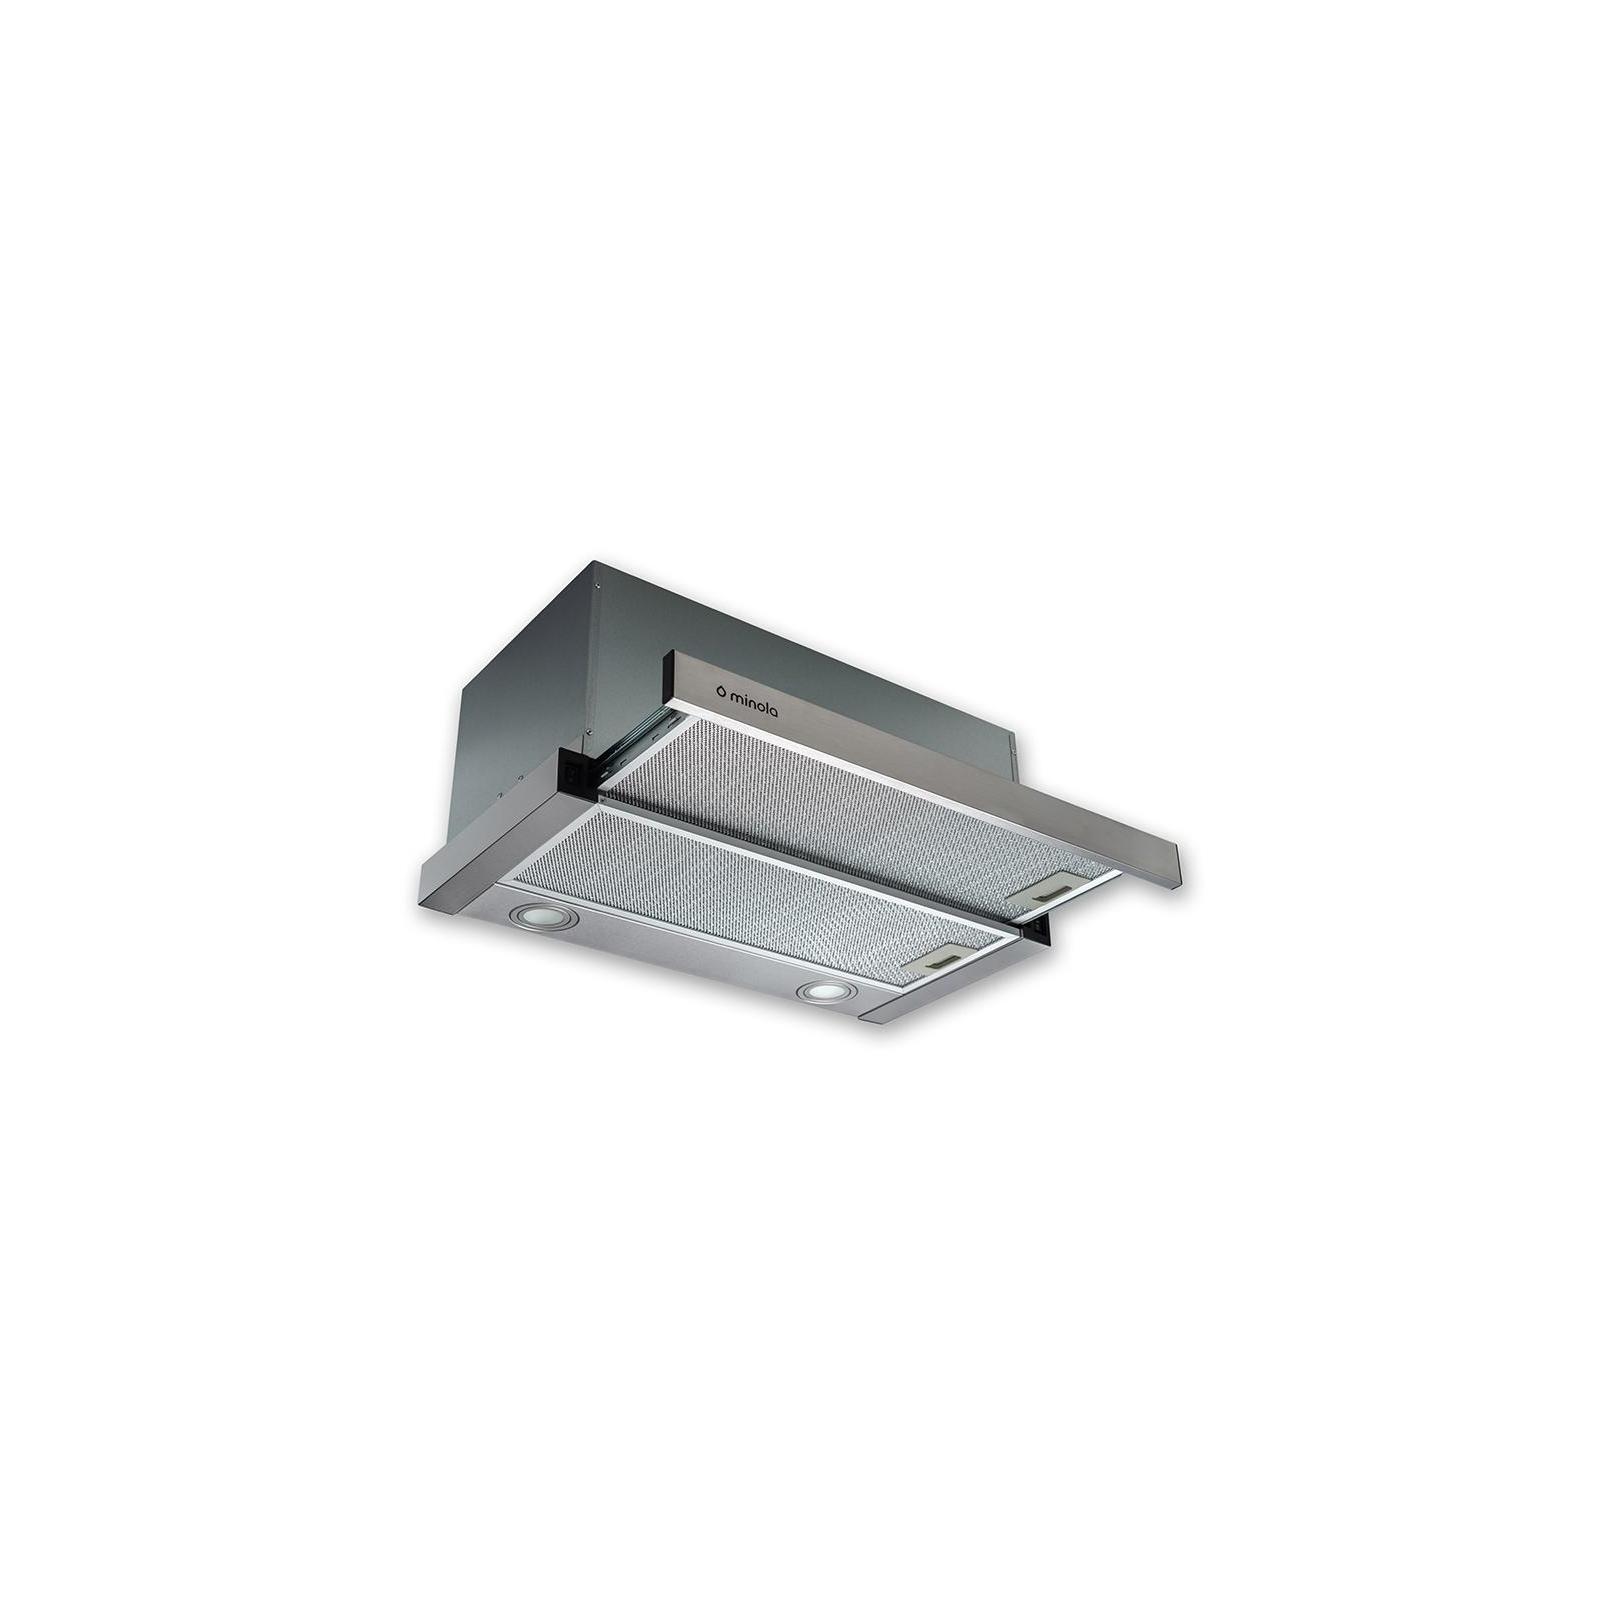 Вытяжка кухонная MINOLA HTL 6612 I 1000 LED изображение 2